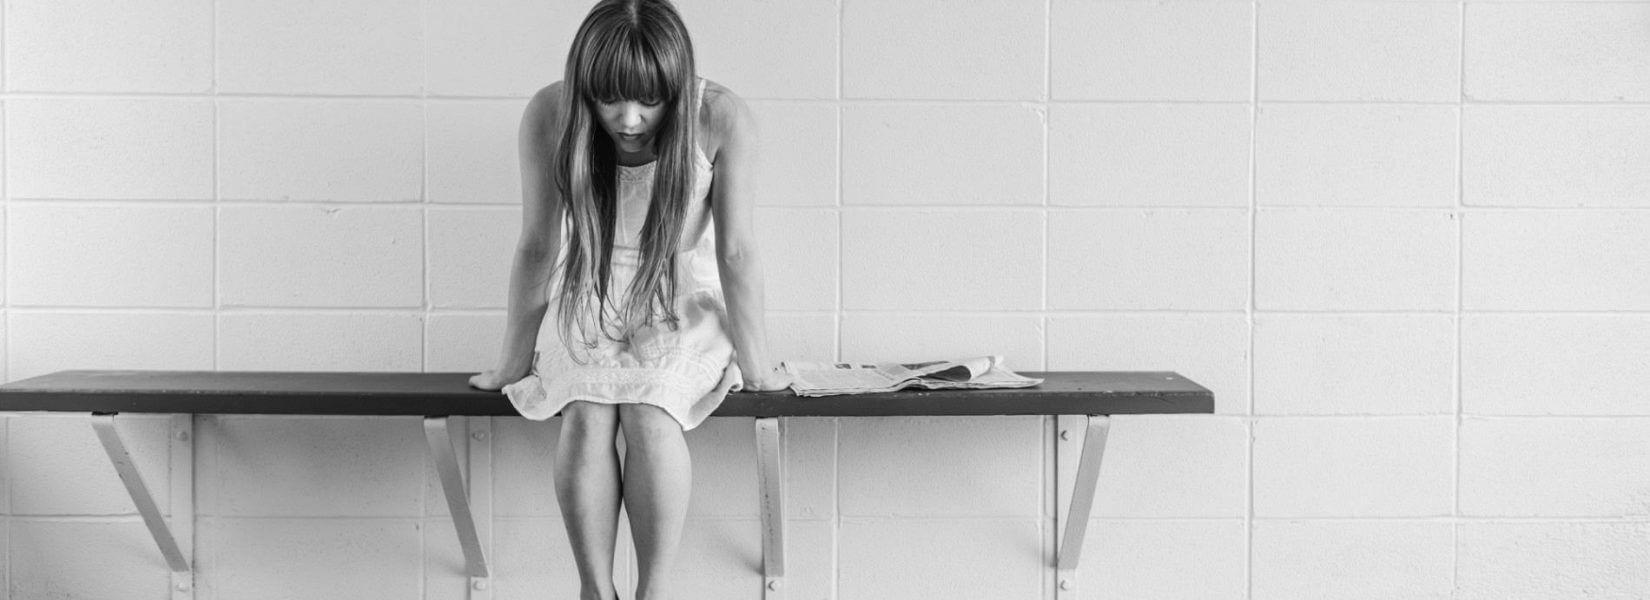 Εγκρίθηκε το πρώτο φάρμακο για την επιλόχειο κατάθλιψη